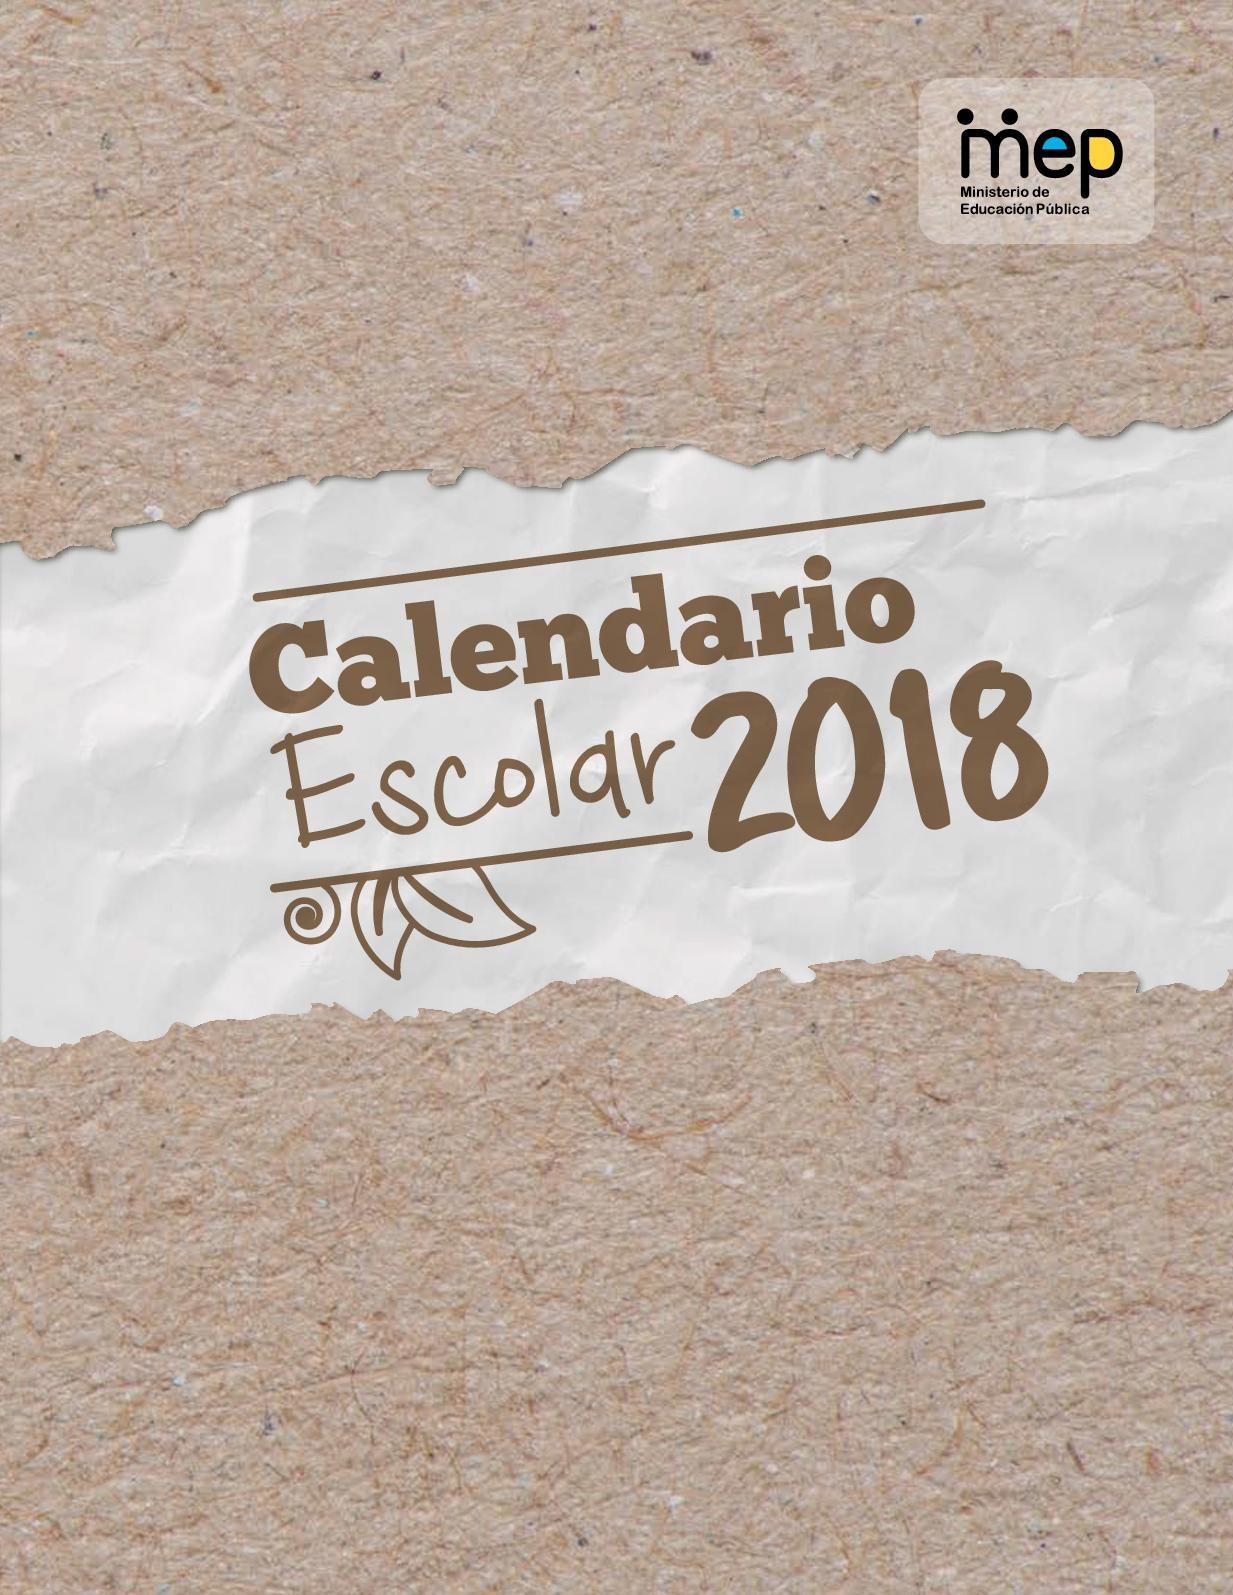 Calendario 2019 Costa Rica Feriados Más Reciente Calaméo Calendario Escolar 2018 Of Calendario 2019 Costa Rica Feriados Más Reciente Este Es Realmente Calendario 2019 Word Modificabile